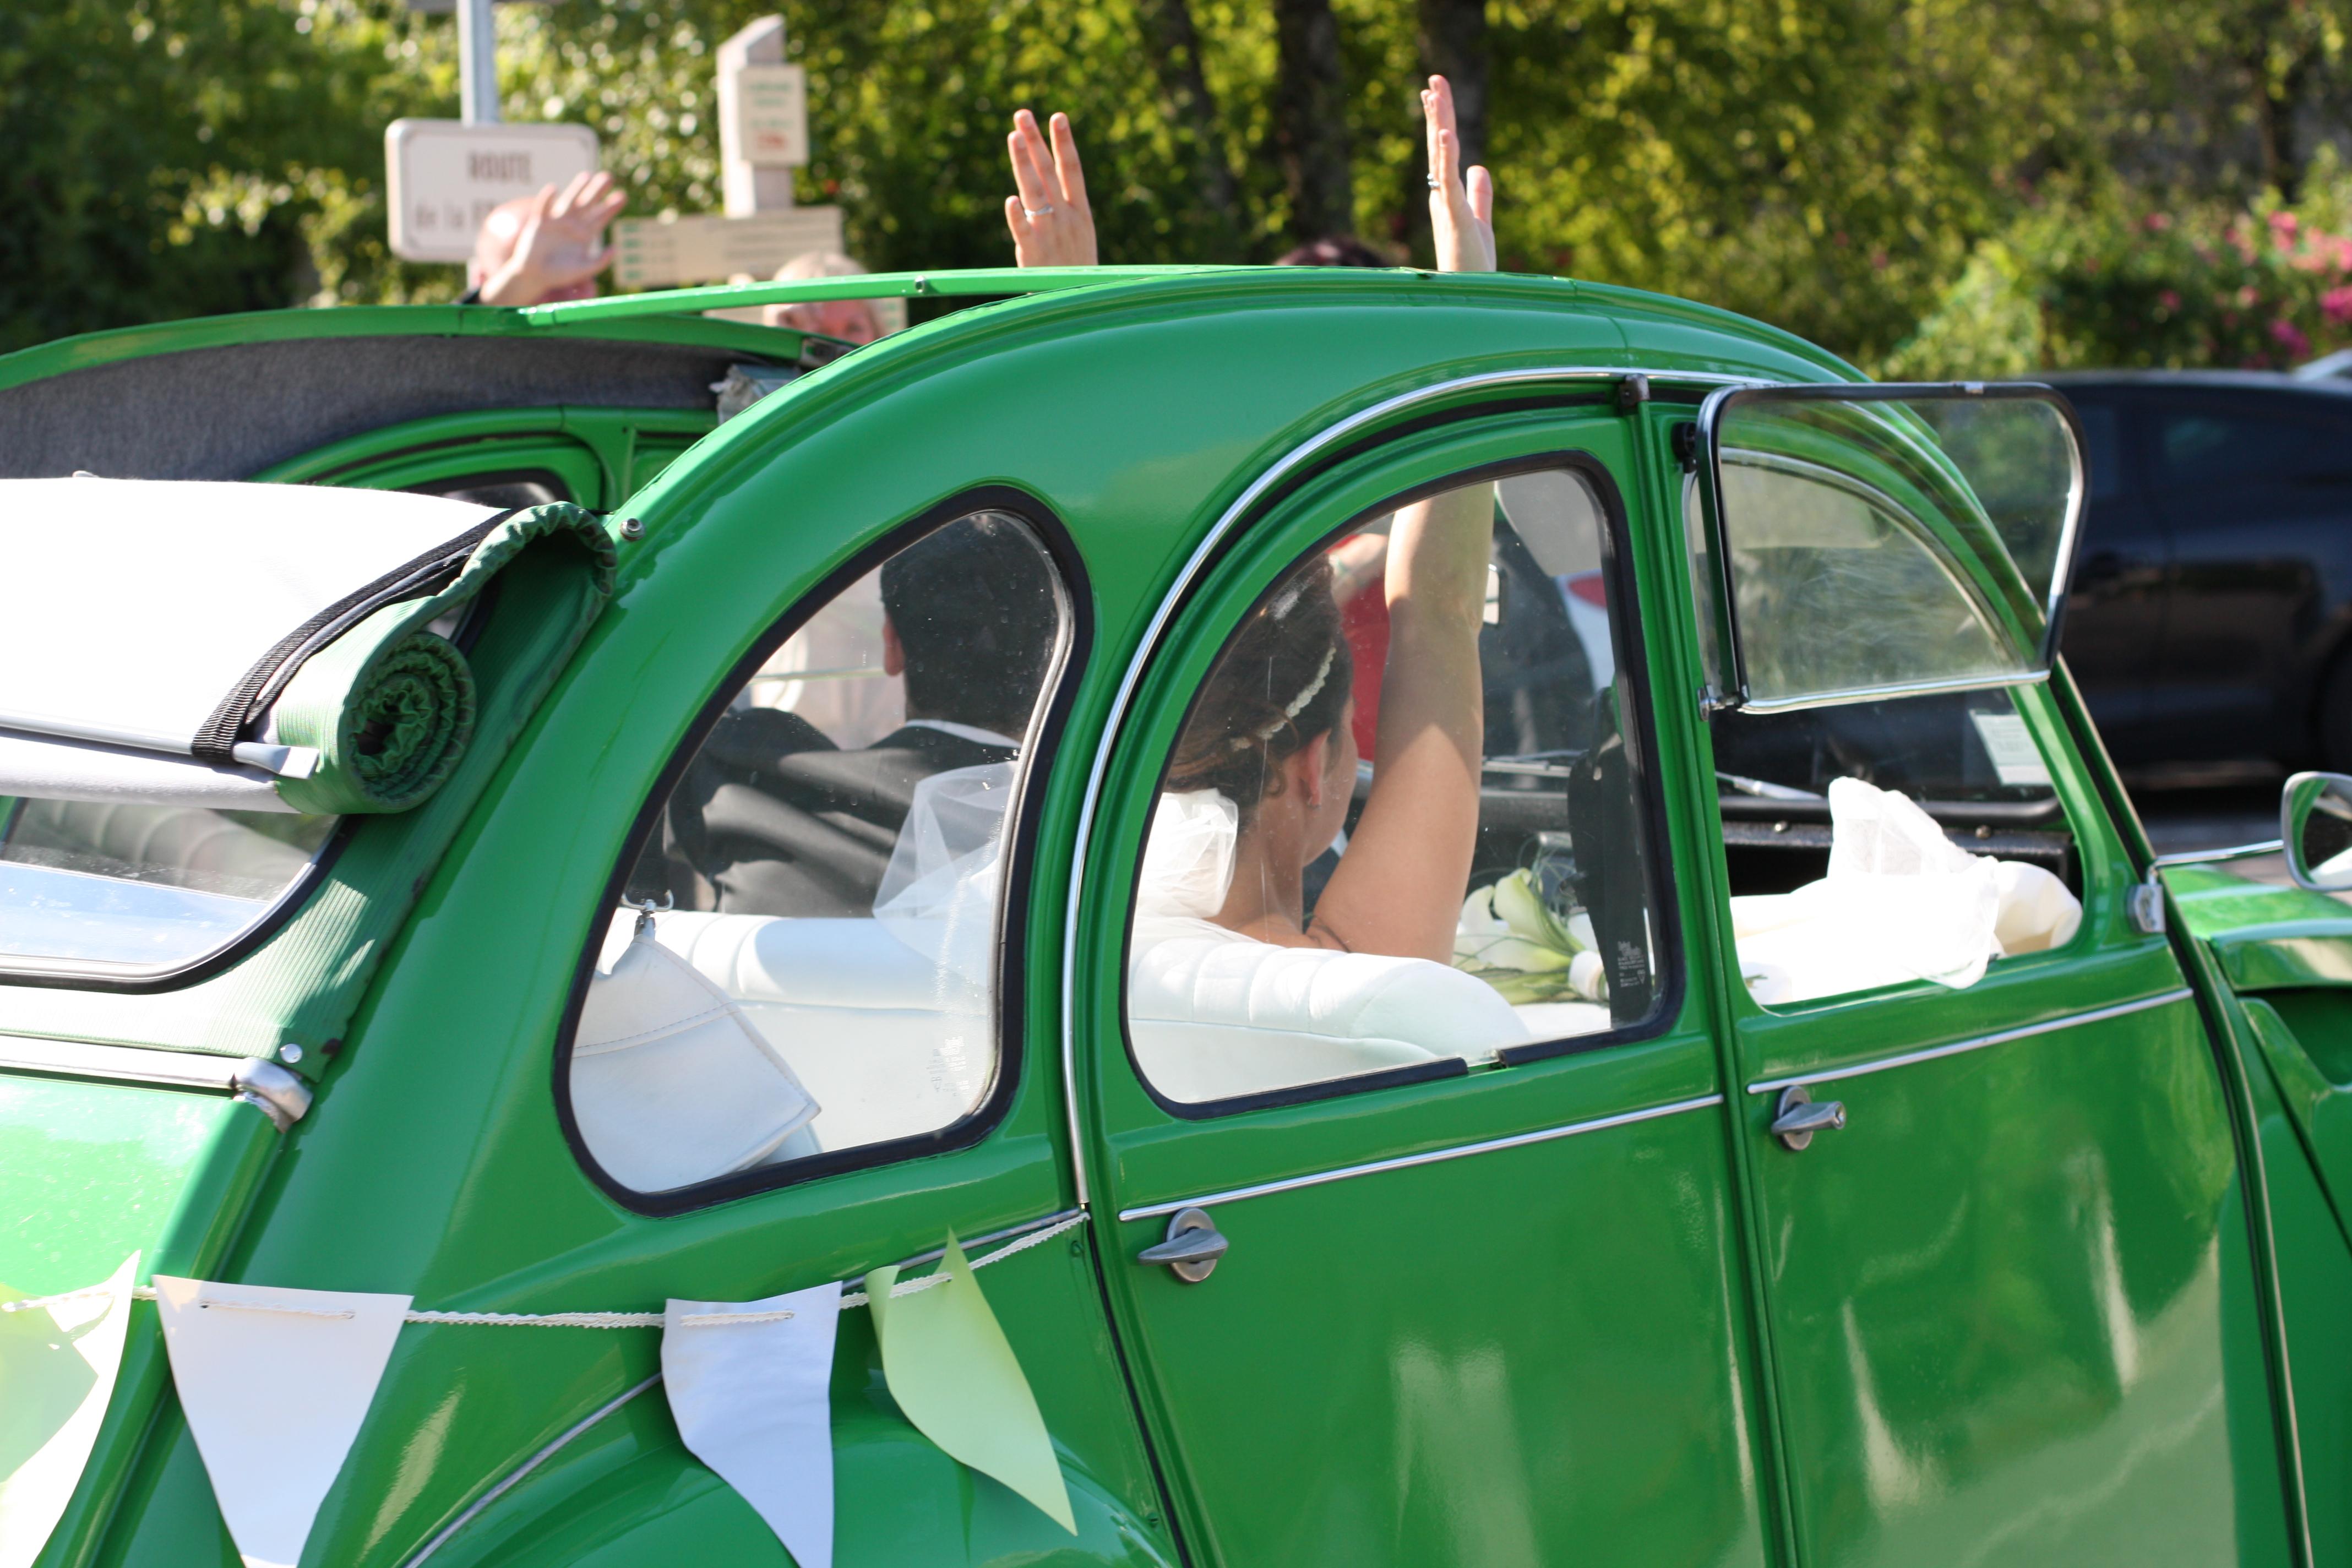 avec son offre sp ciale mariage drivy permet aux futurs mari s de louer une voiture de. Black Bedroom Furniture Sets. Home Design Ideas